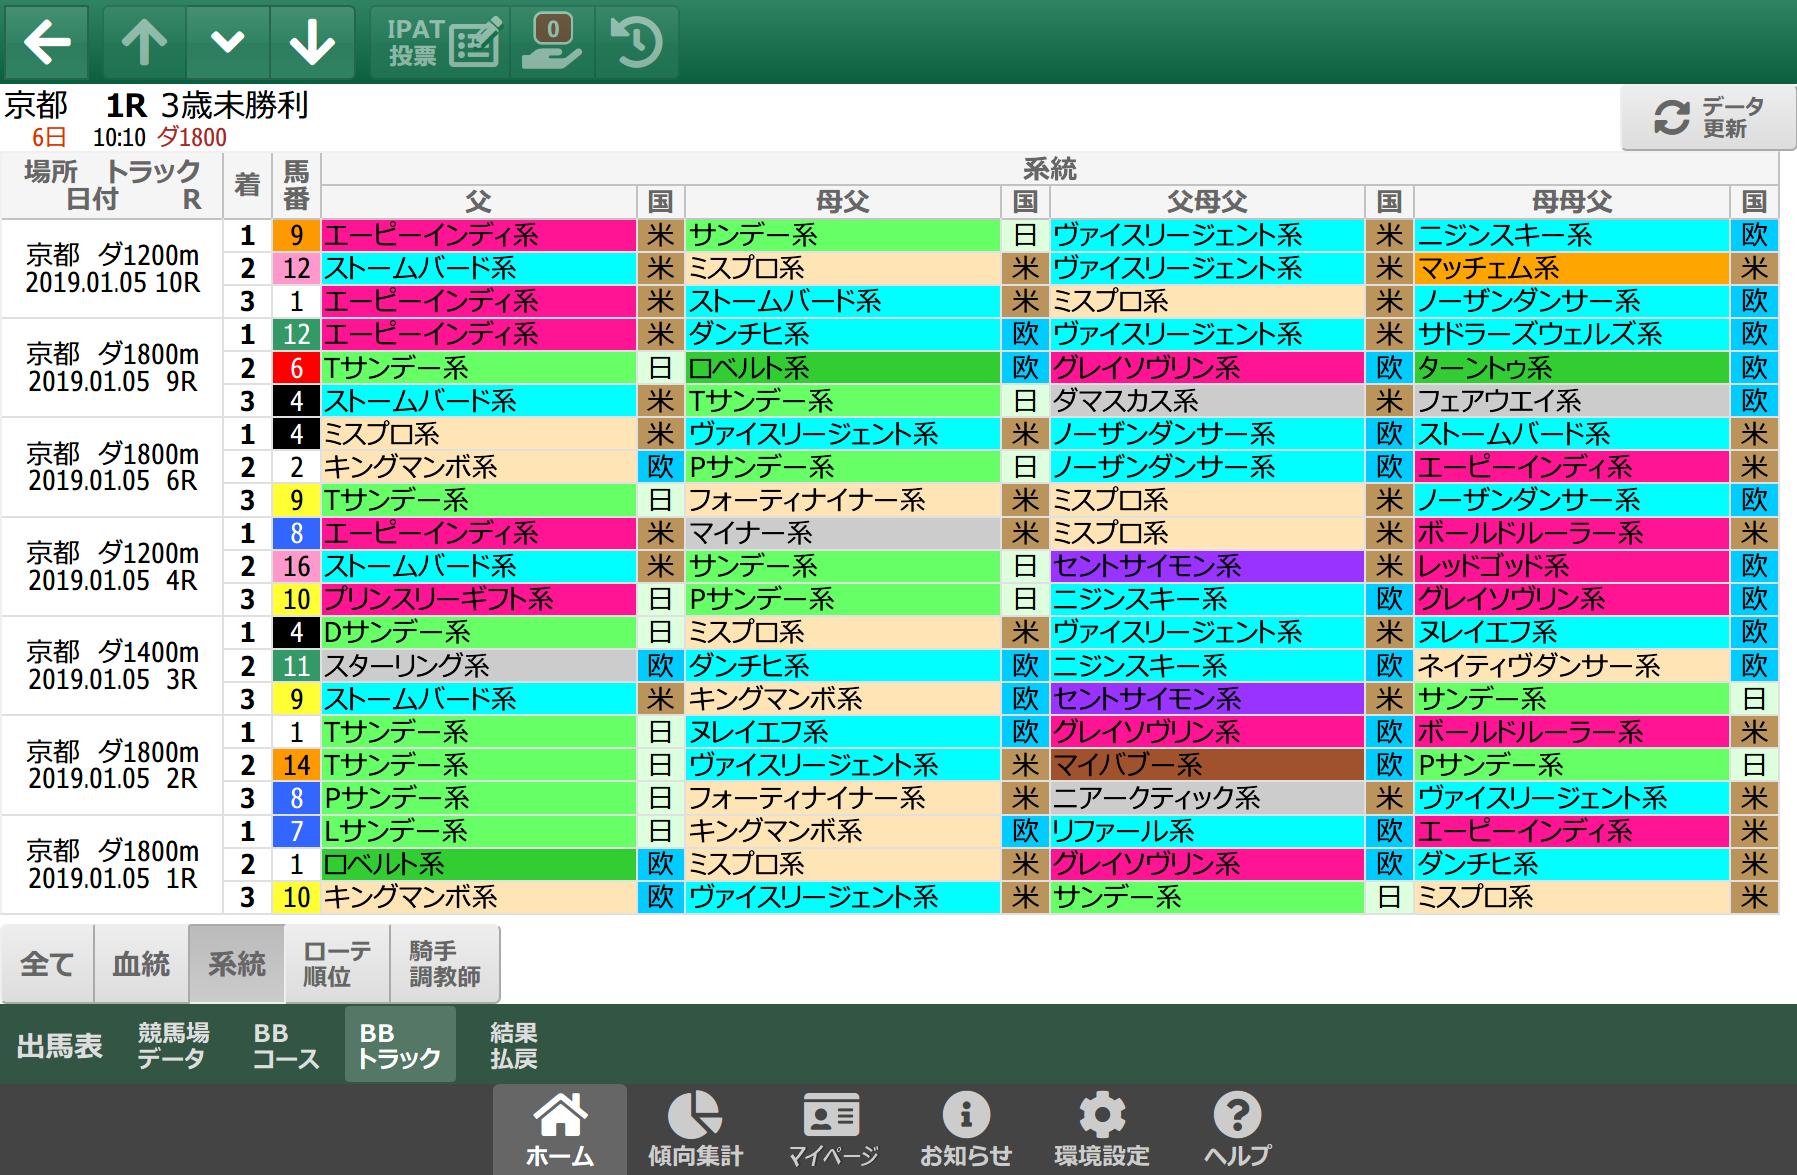 1/5(土)の京都ダート/系統